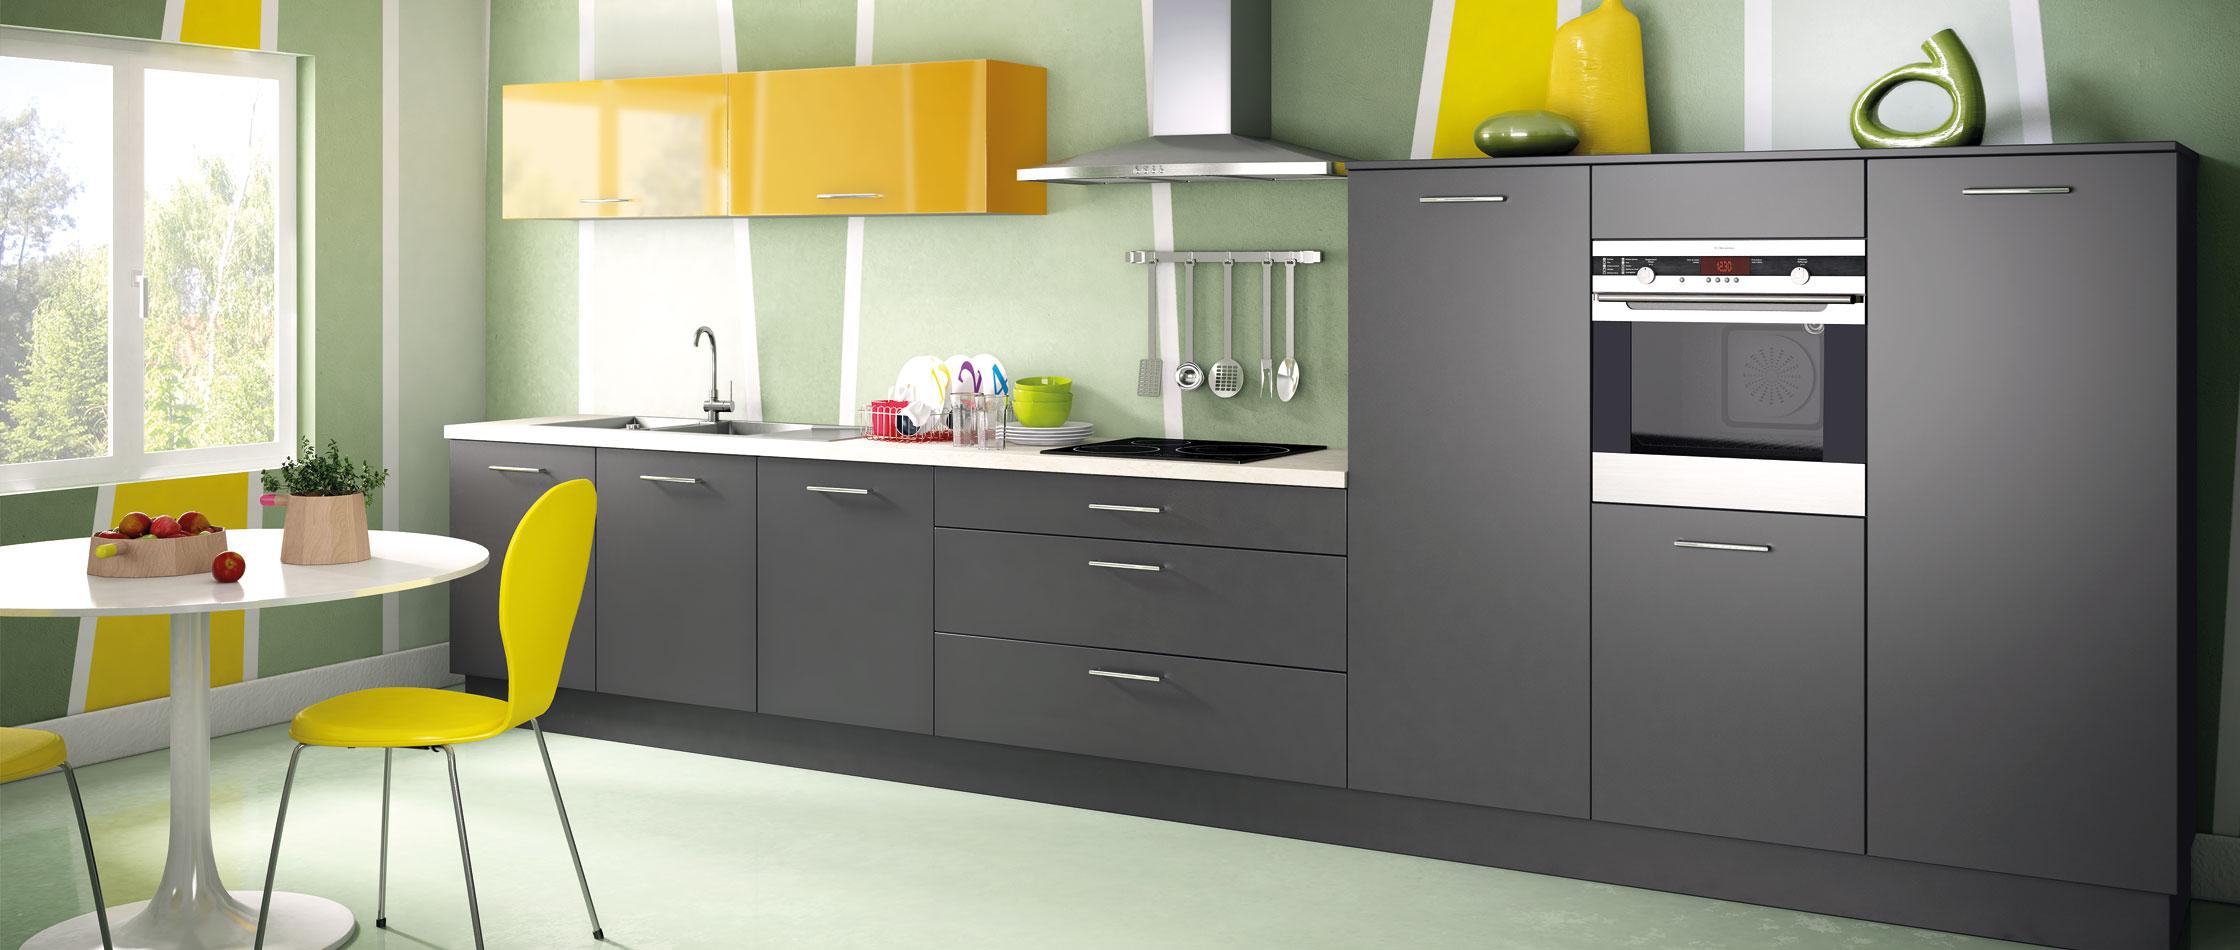 loft nova comera cuisines. Black Bedroom Furniture Sets. Home Design Ideas